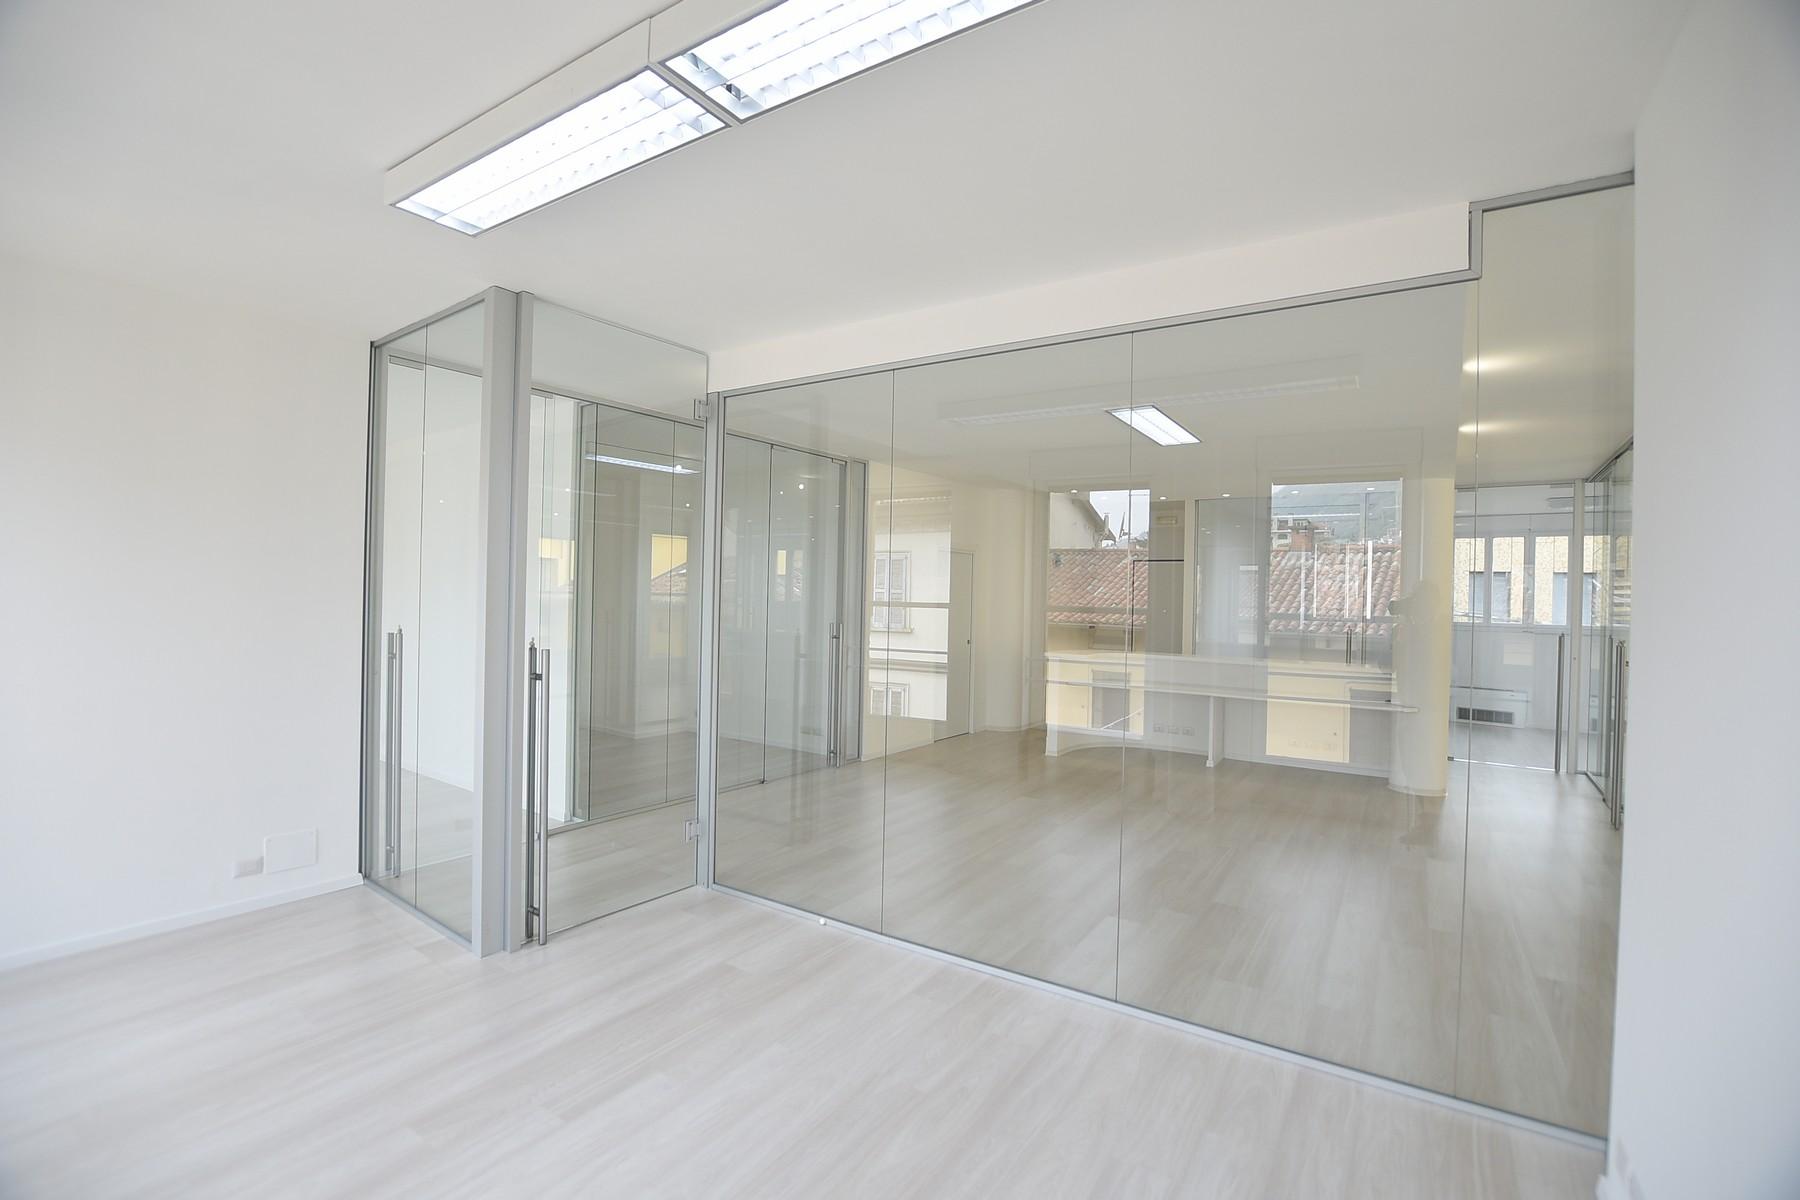 Ufficio-studio in Vendita a Como: 0 locali, 190 mq - Foto 9